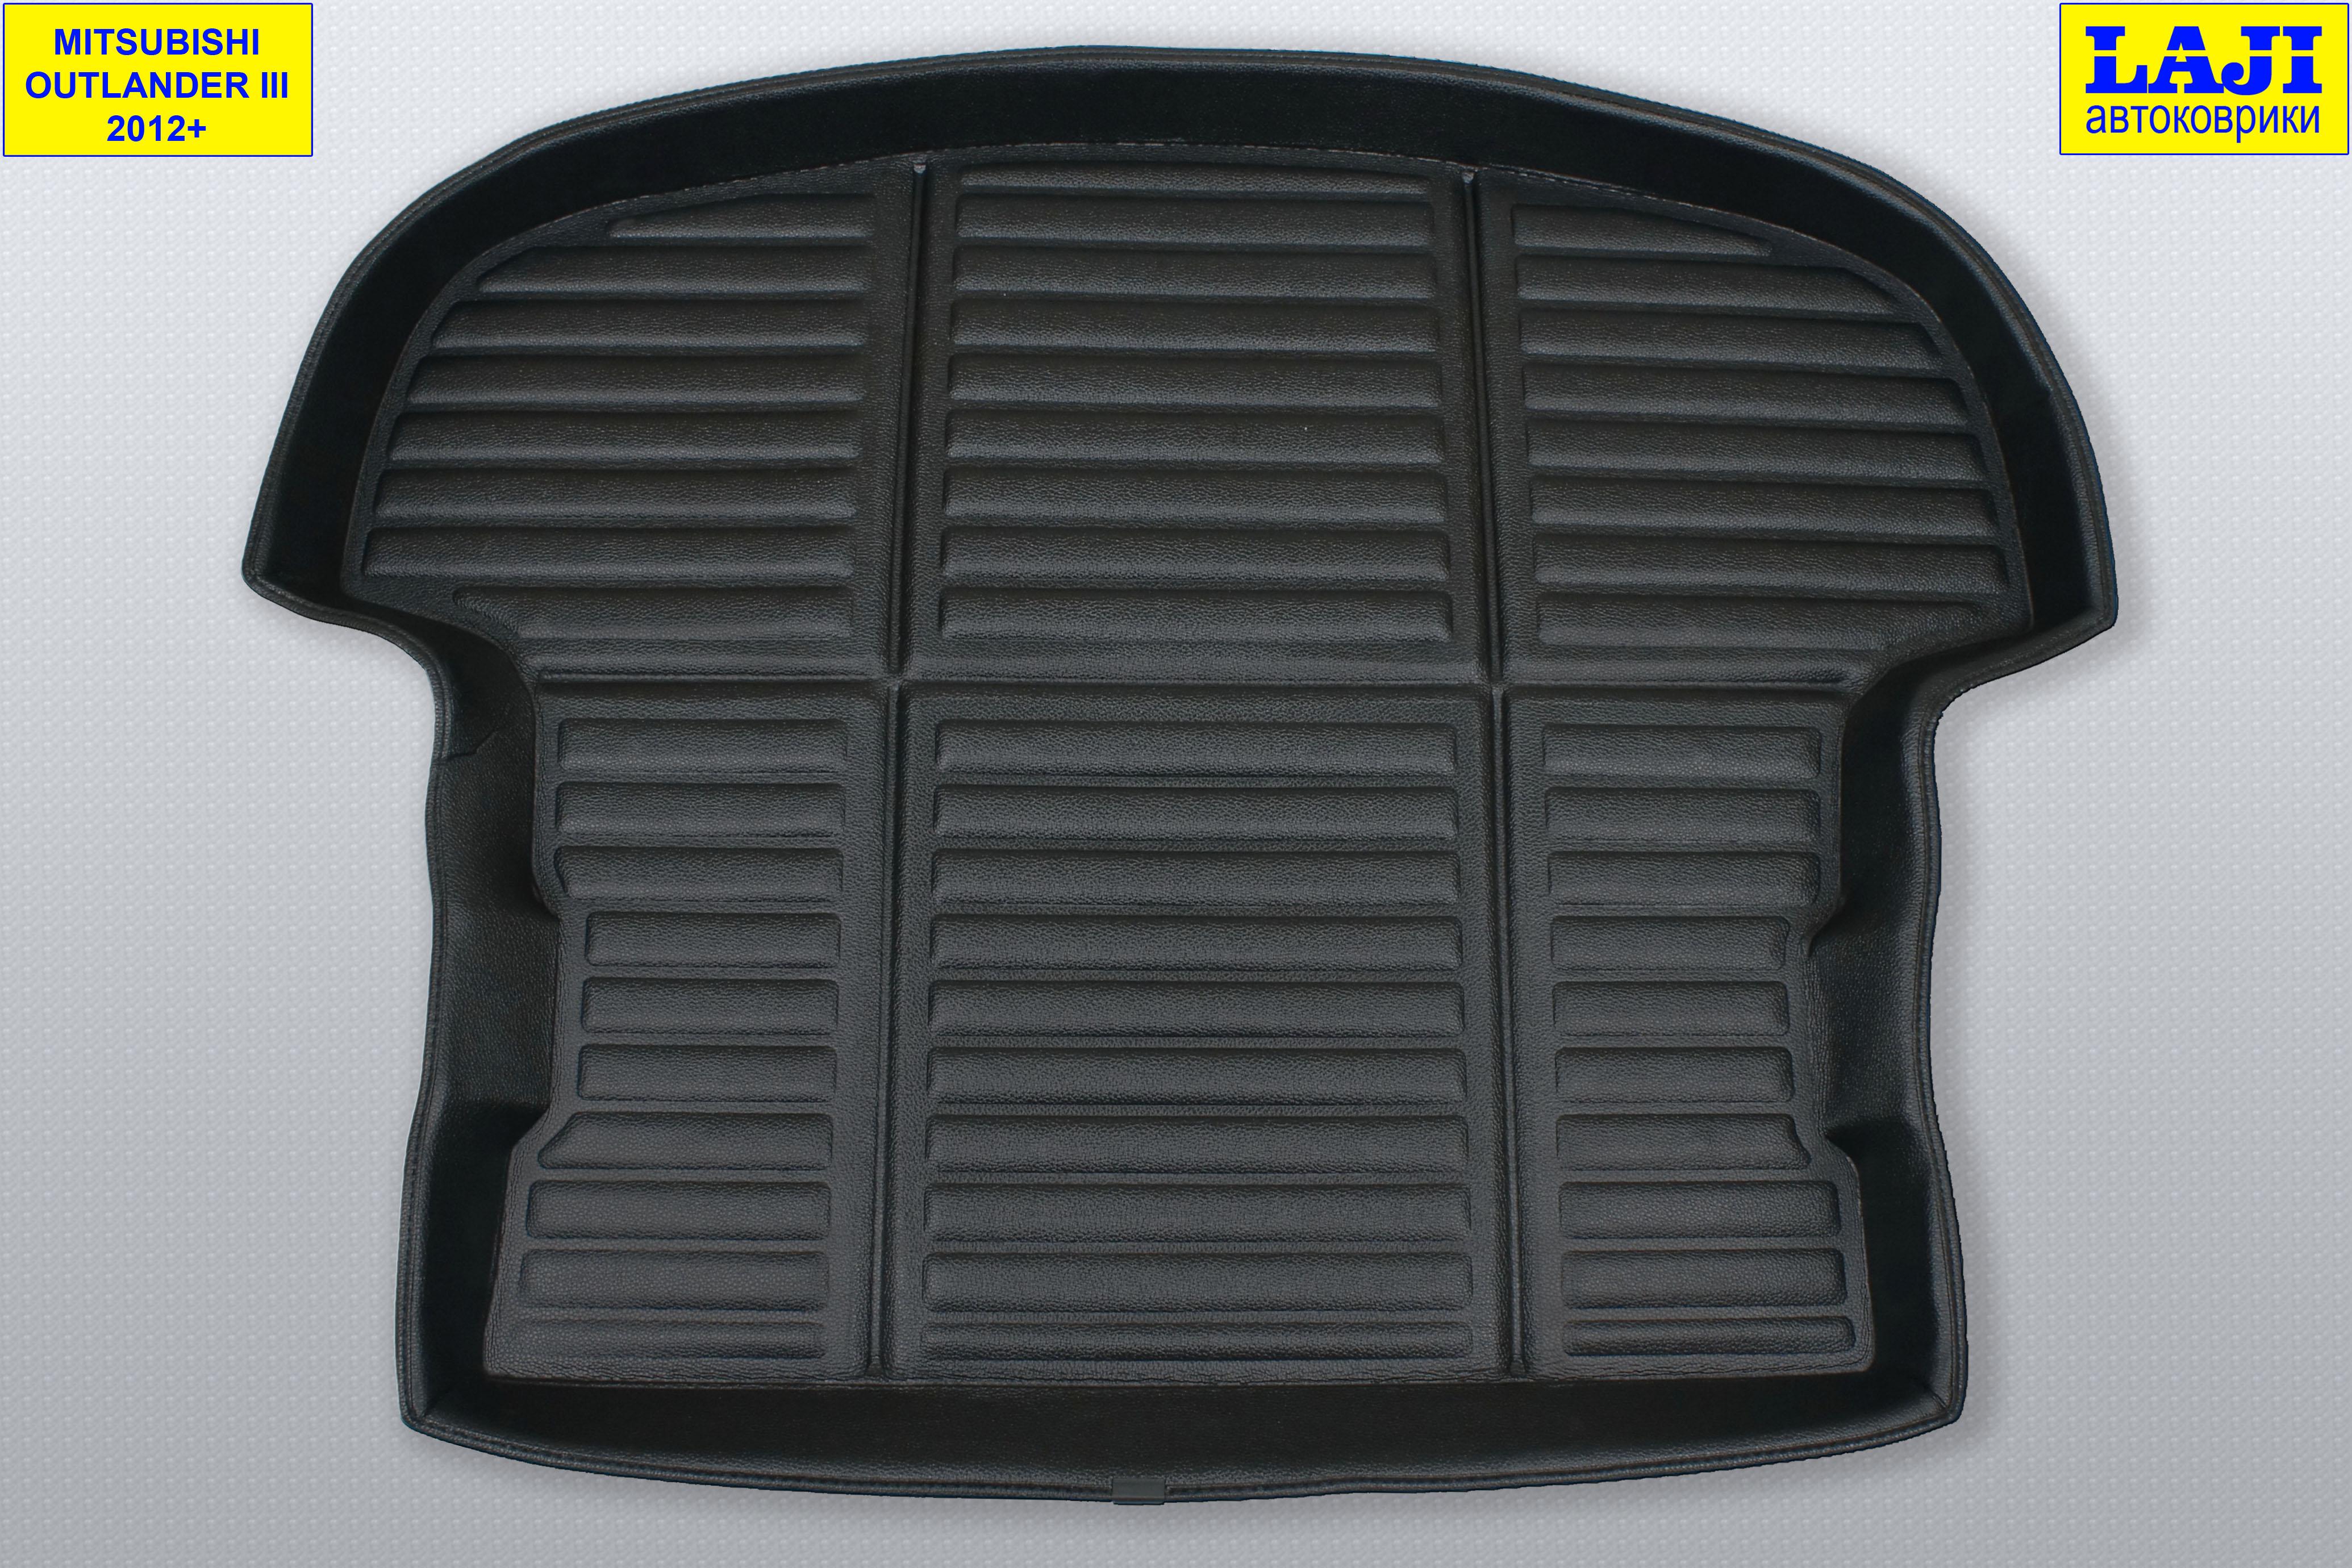 3D коврик в багажник Mitsubishi Outlander III 2012-н.в. 2